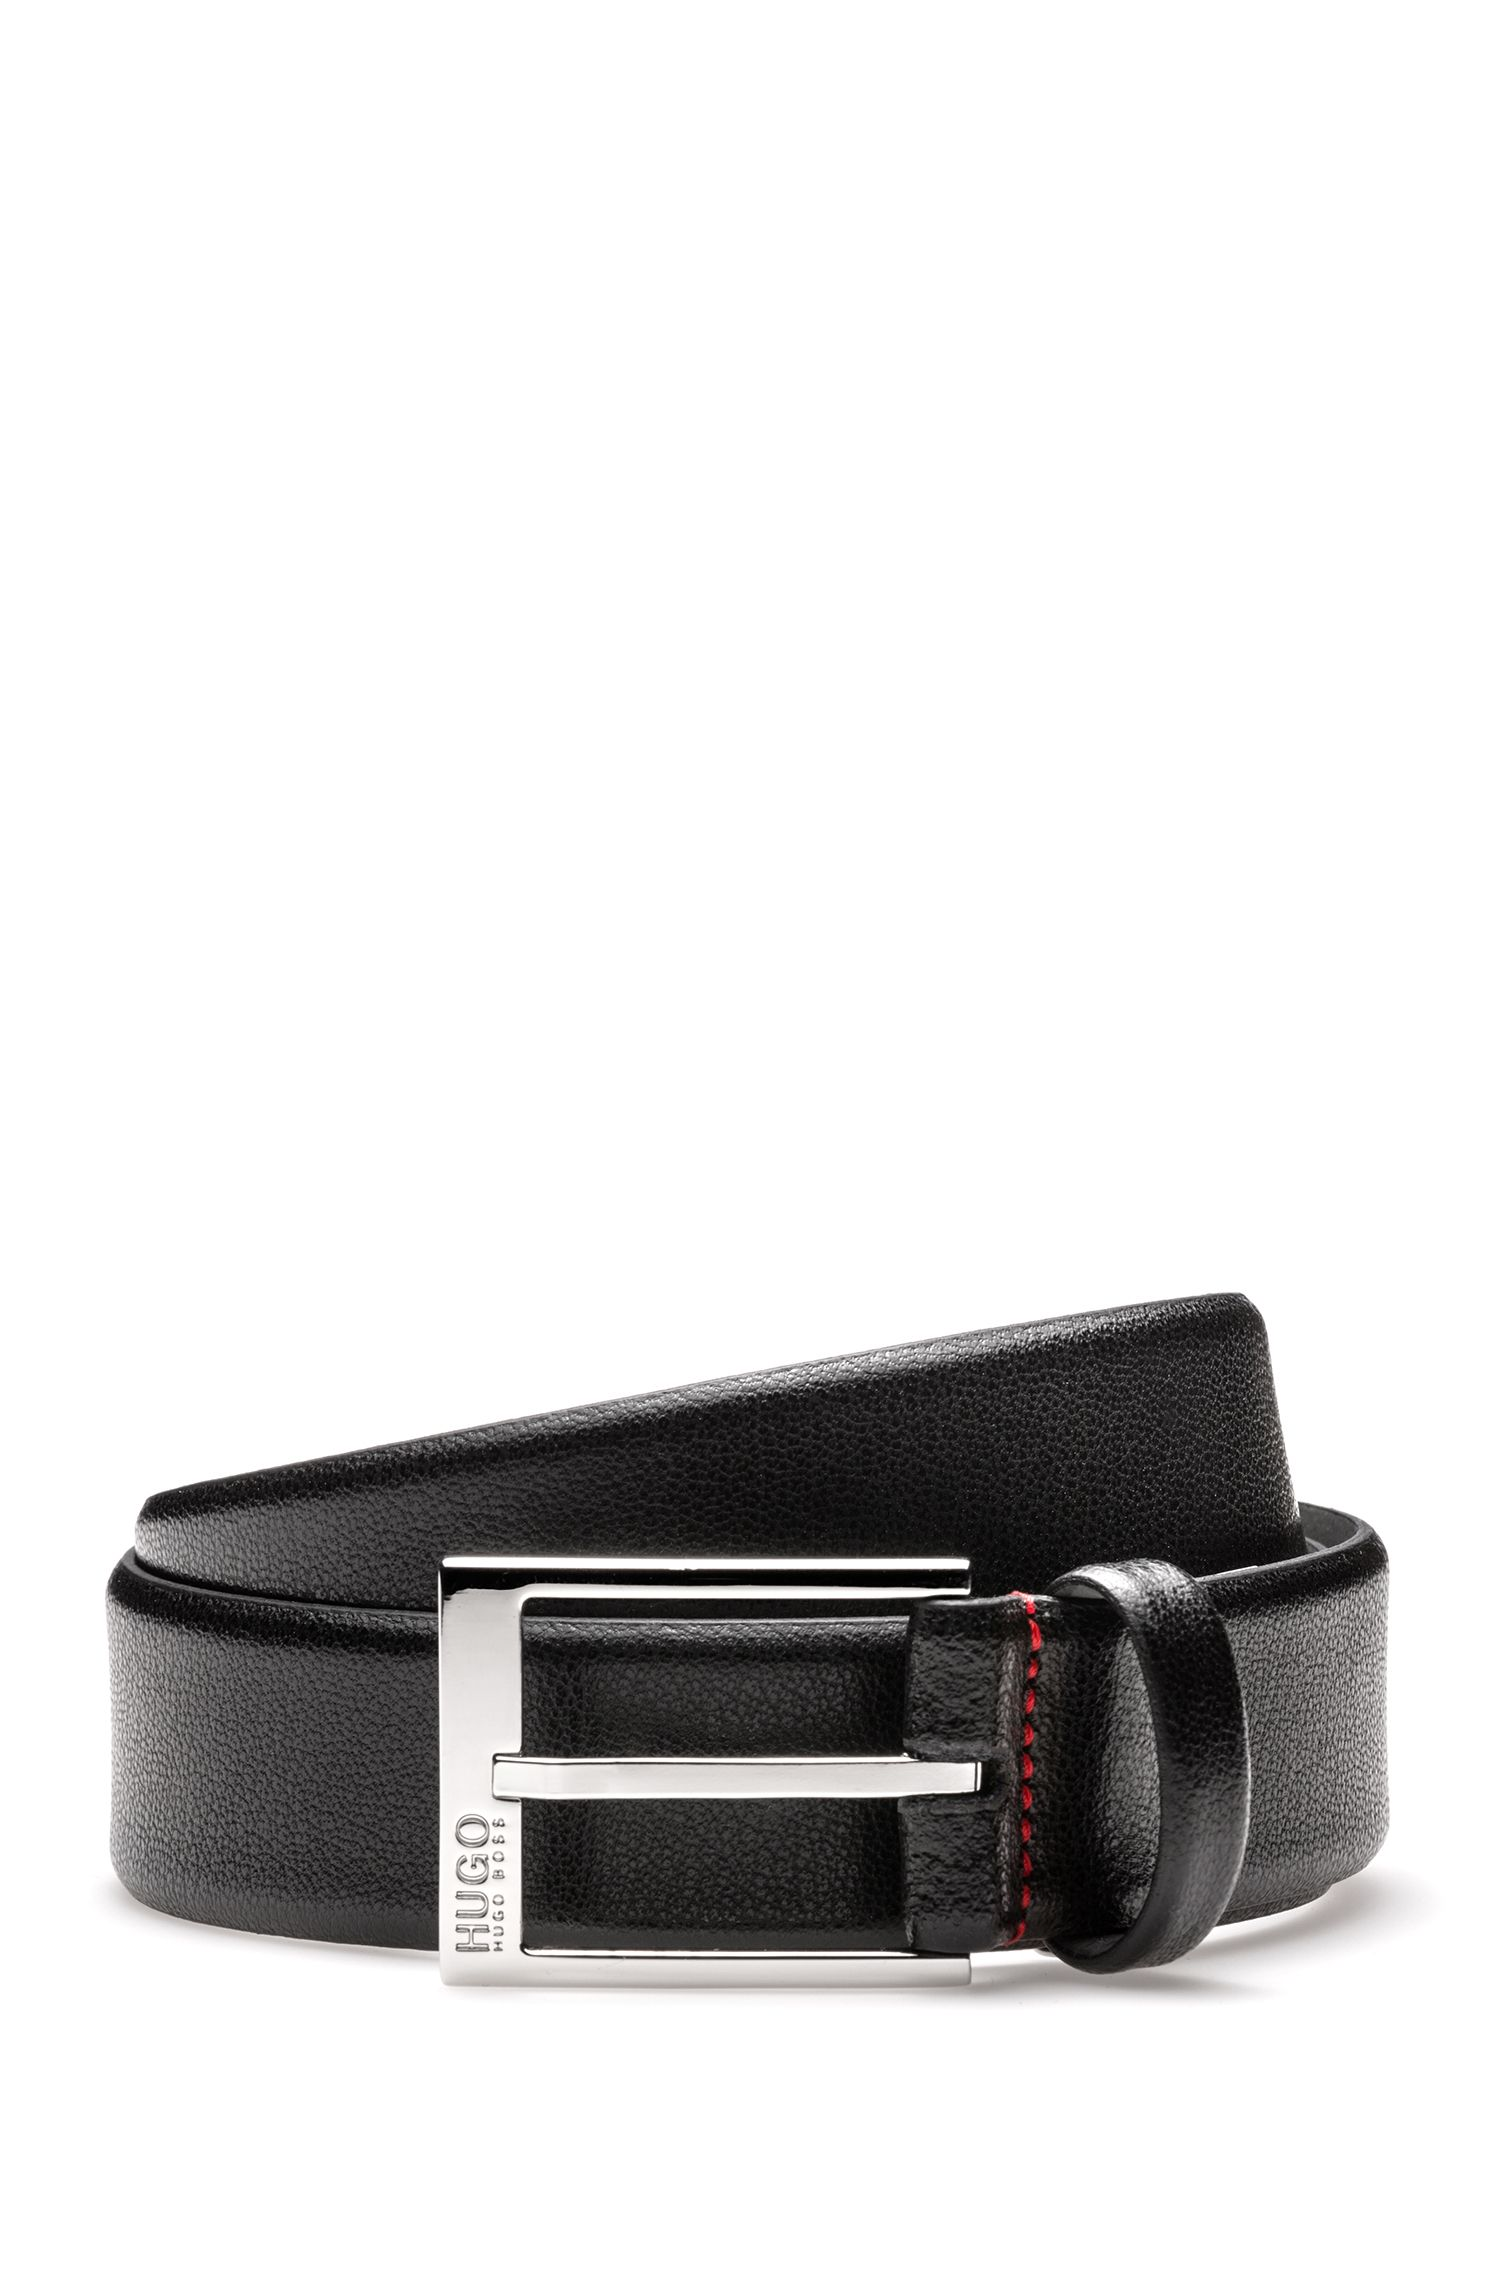 Cinturón de piel grabado con piezas metálicas de efecto plateado pulido